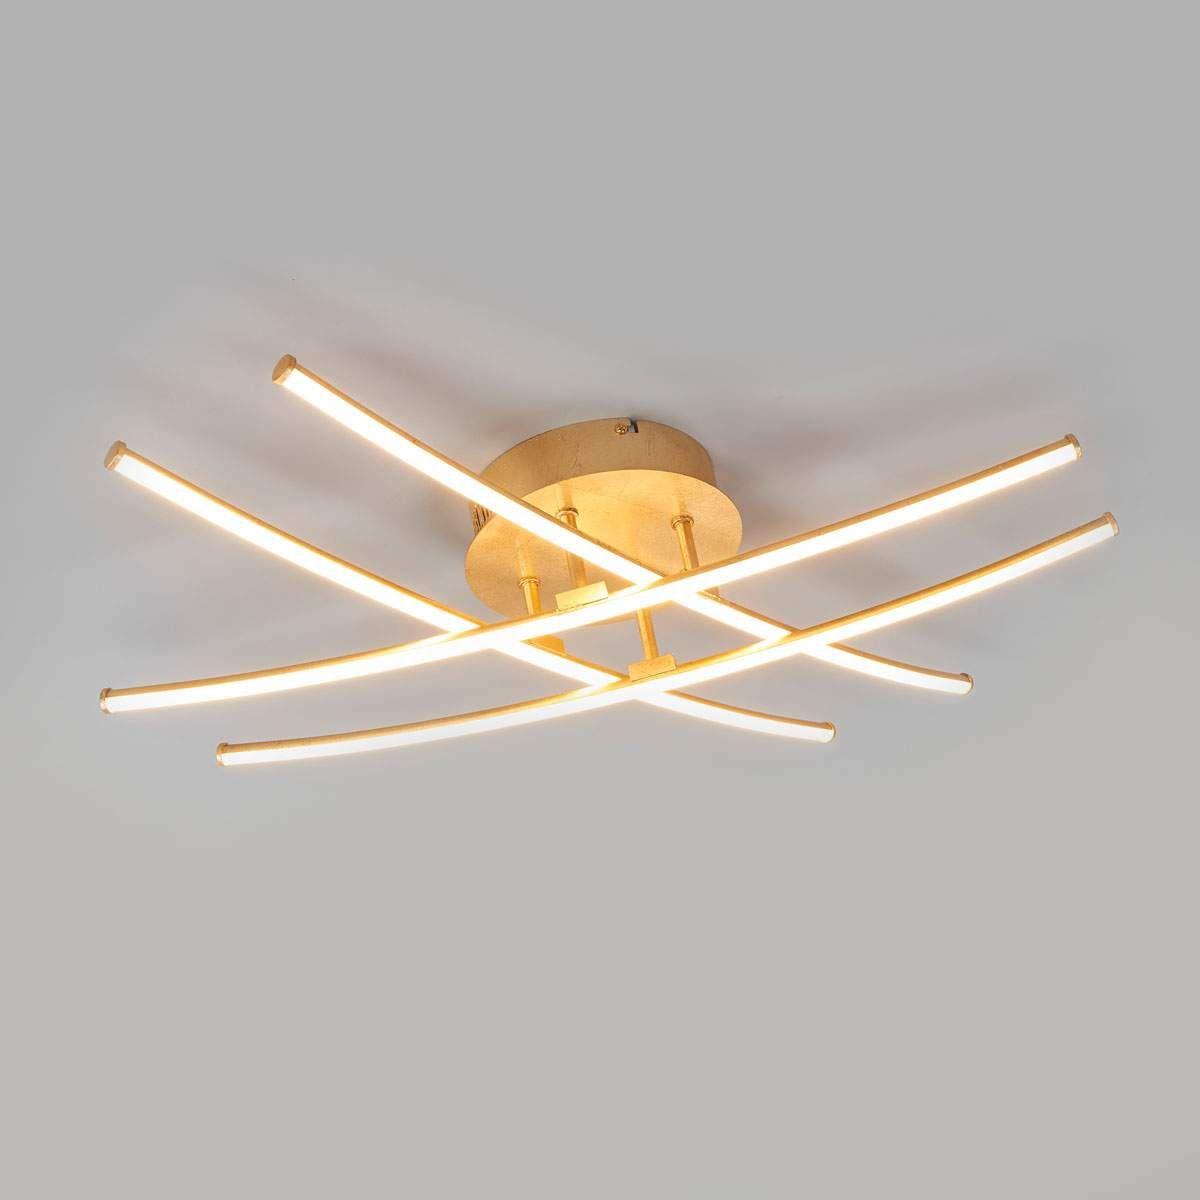 küchen deckenlampe deckenleuchte stoff rund